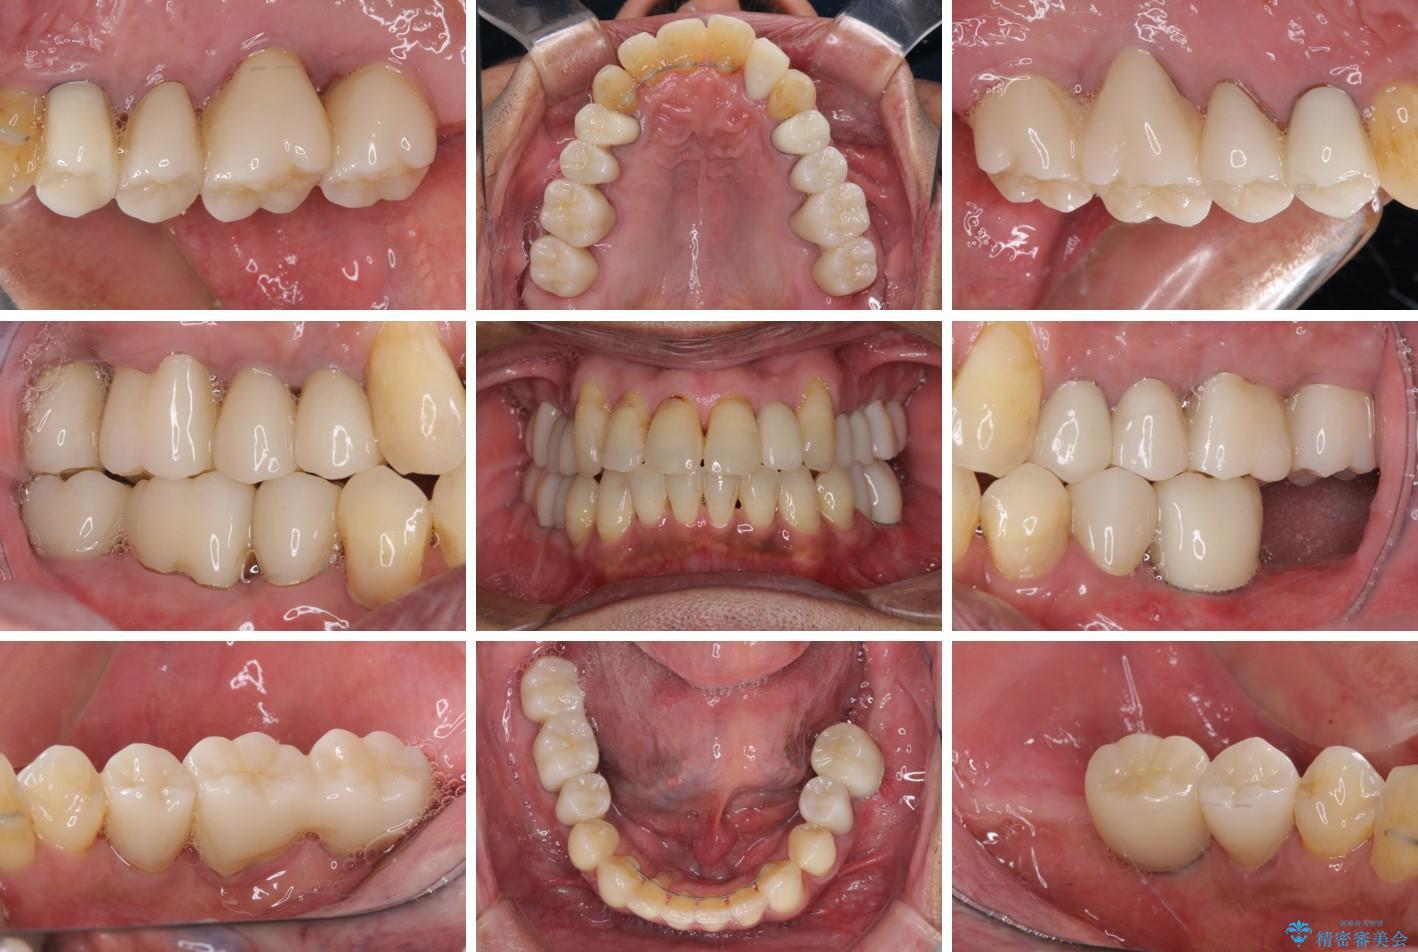 歯周病治療のための歯列矯正 総合歯科治療による全顎治療 アフター